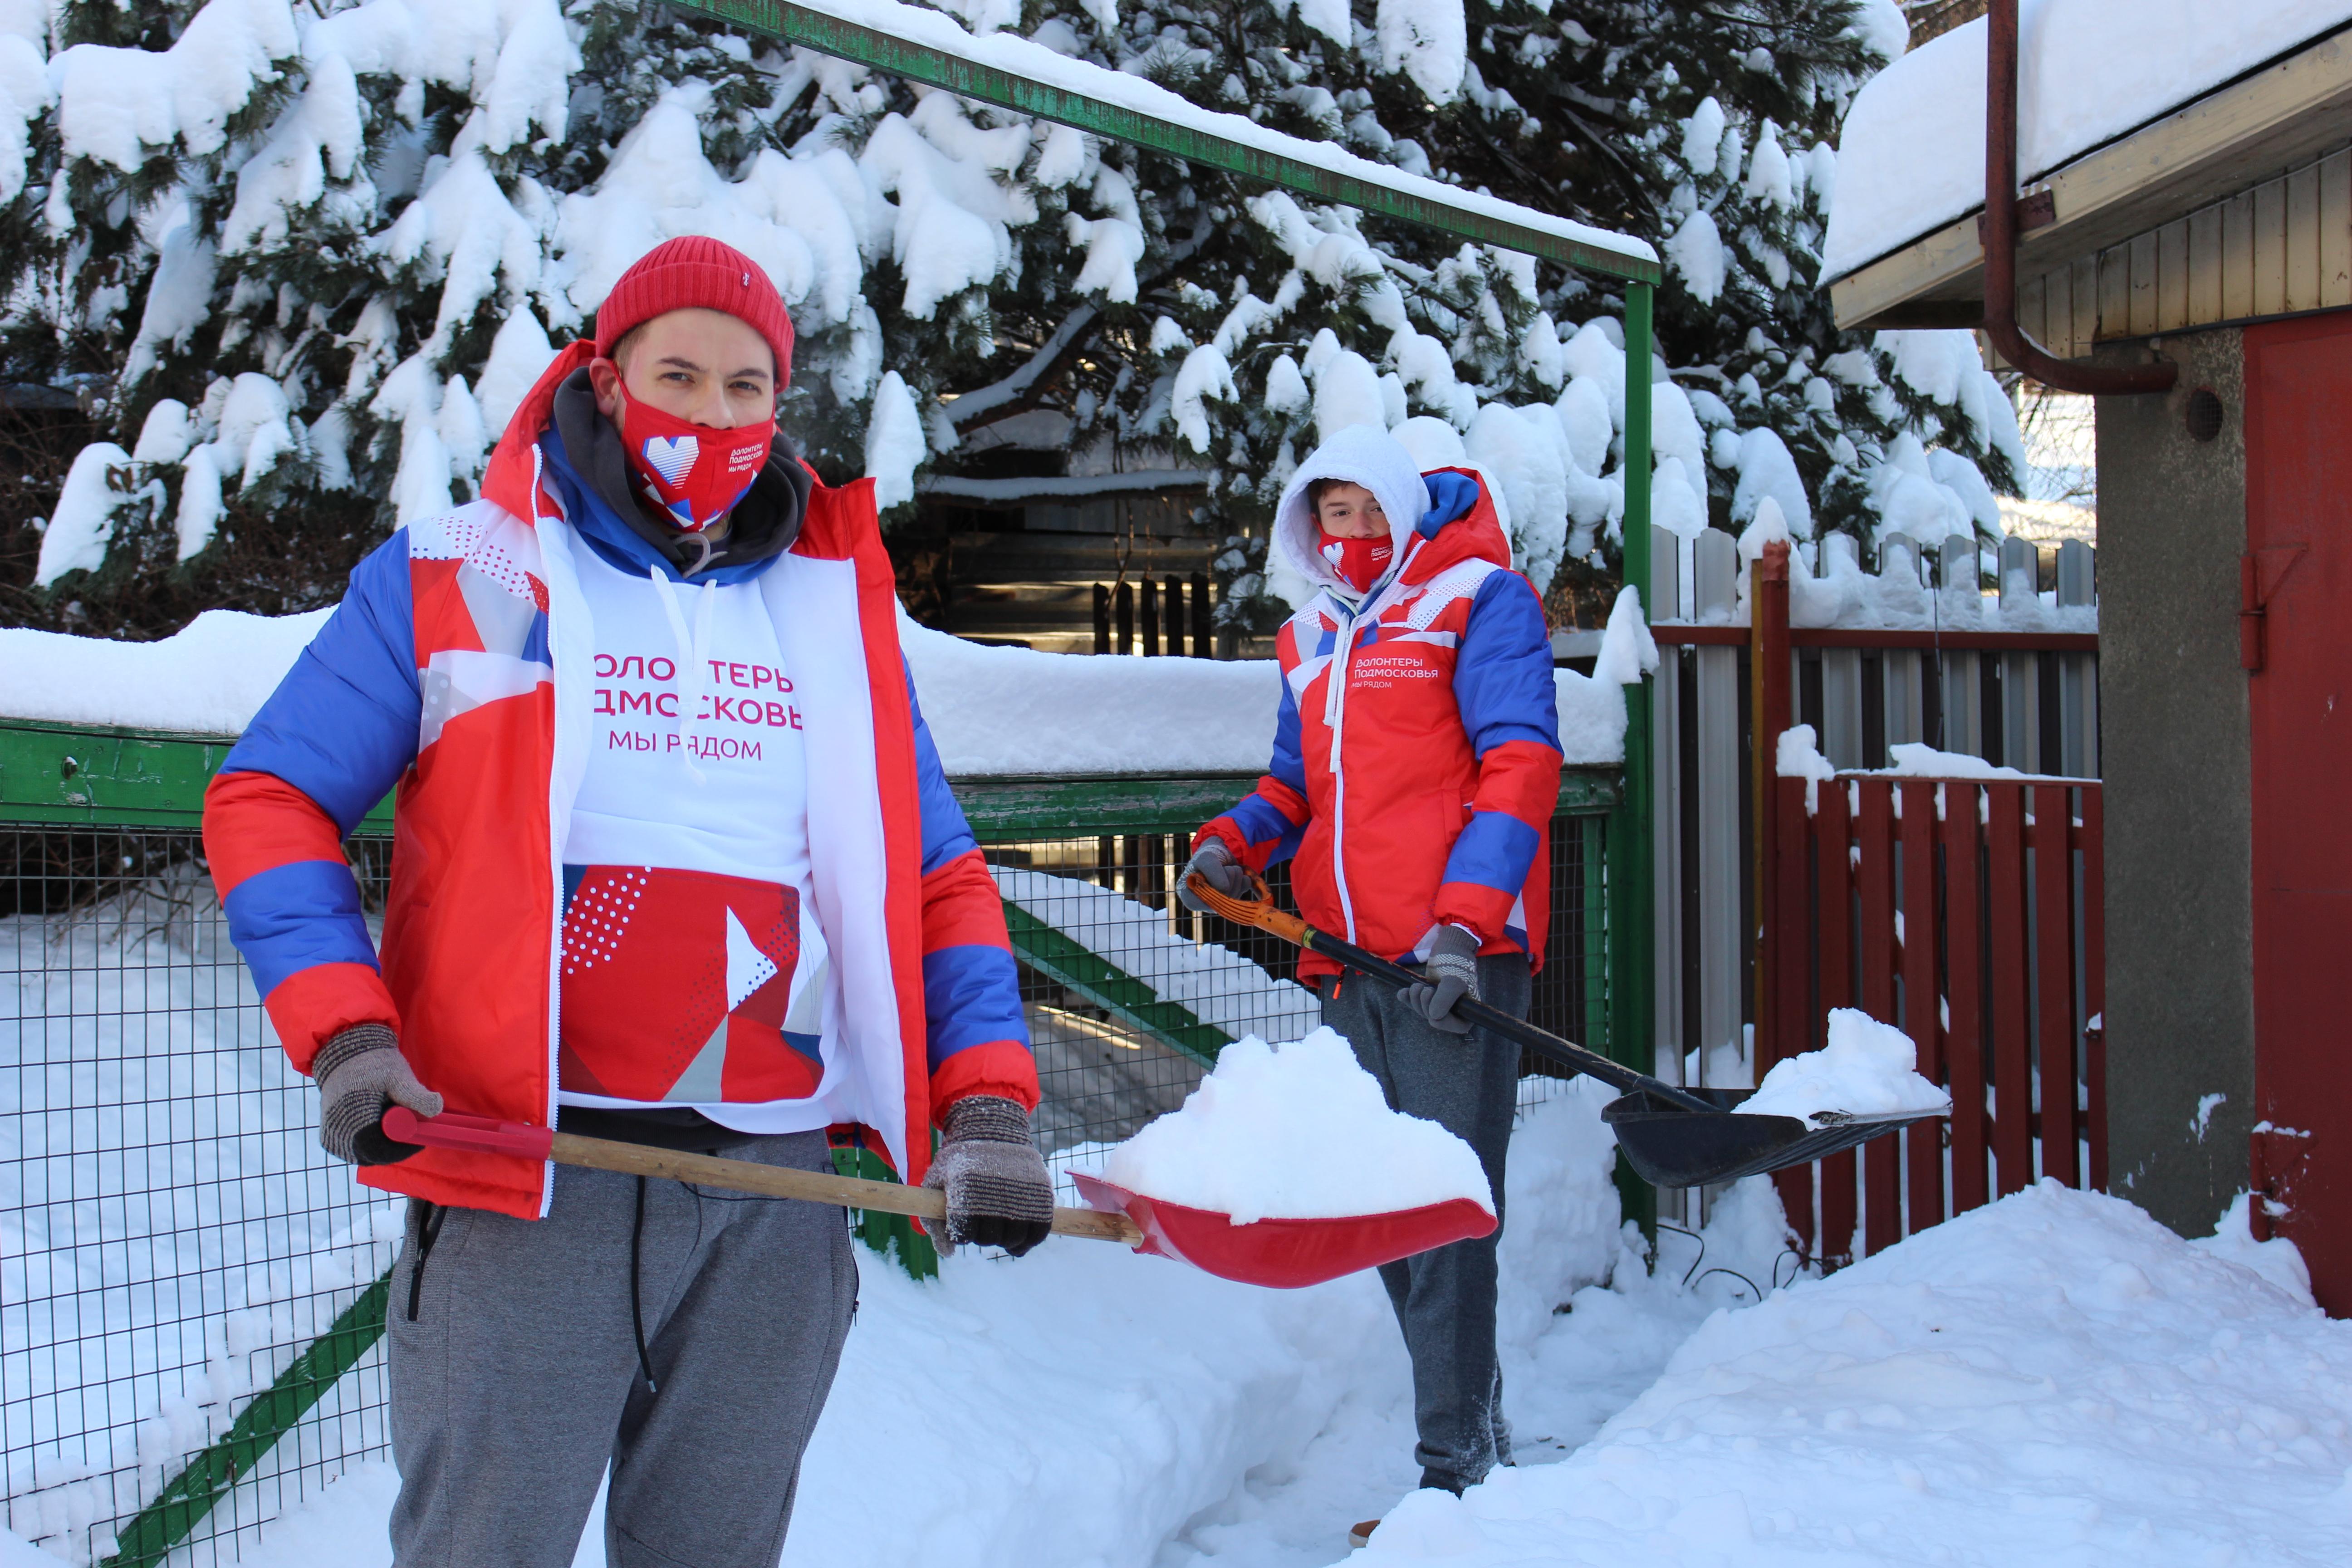 Волонтеры Подмосковья готовы прийти на помощь в уборке снега